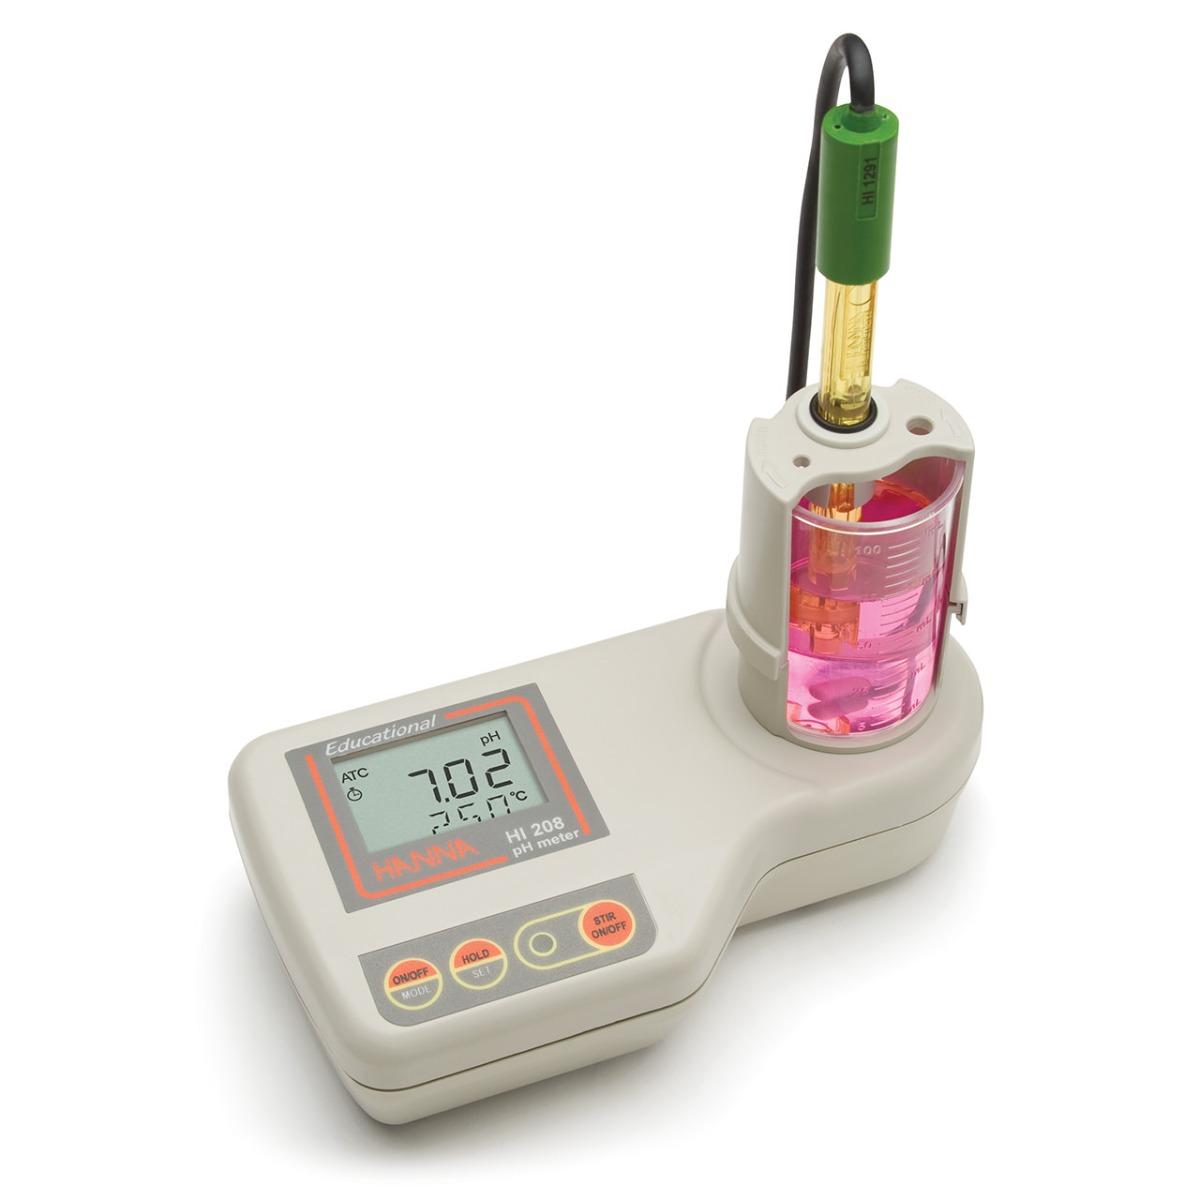 HI208 - pHmetro per uso didattico con agitatore magnetico incorporato